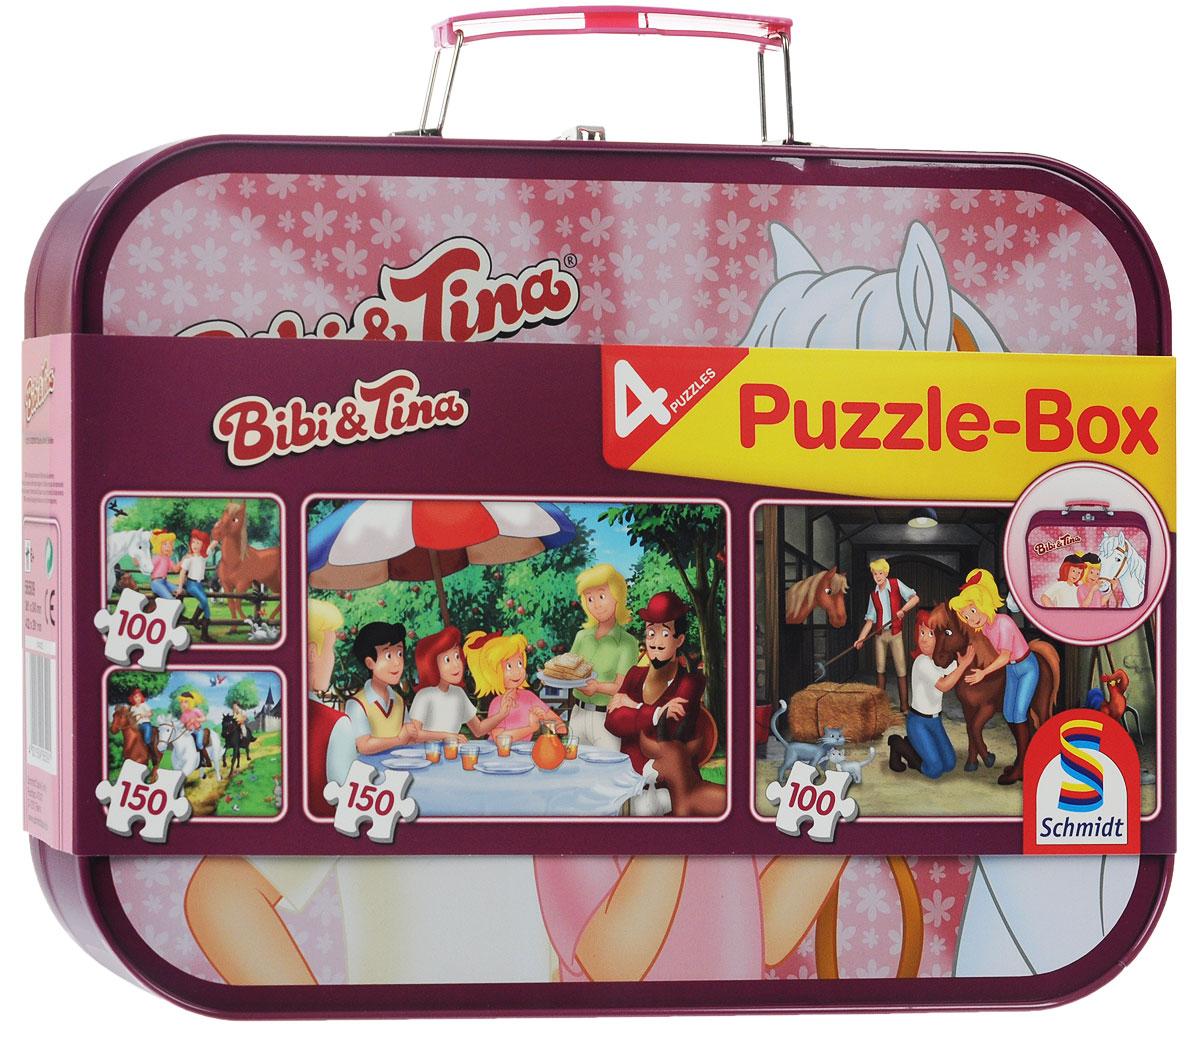 Schmidt Набор пазлов Bibi & Tina, в чемоданчике, 500 элементов пазлы janod набор пазлов в квадратном чемоданчике на скутере